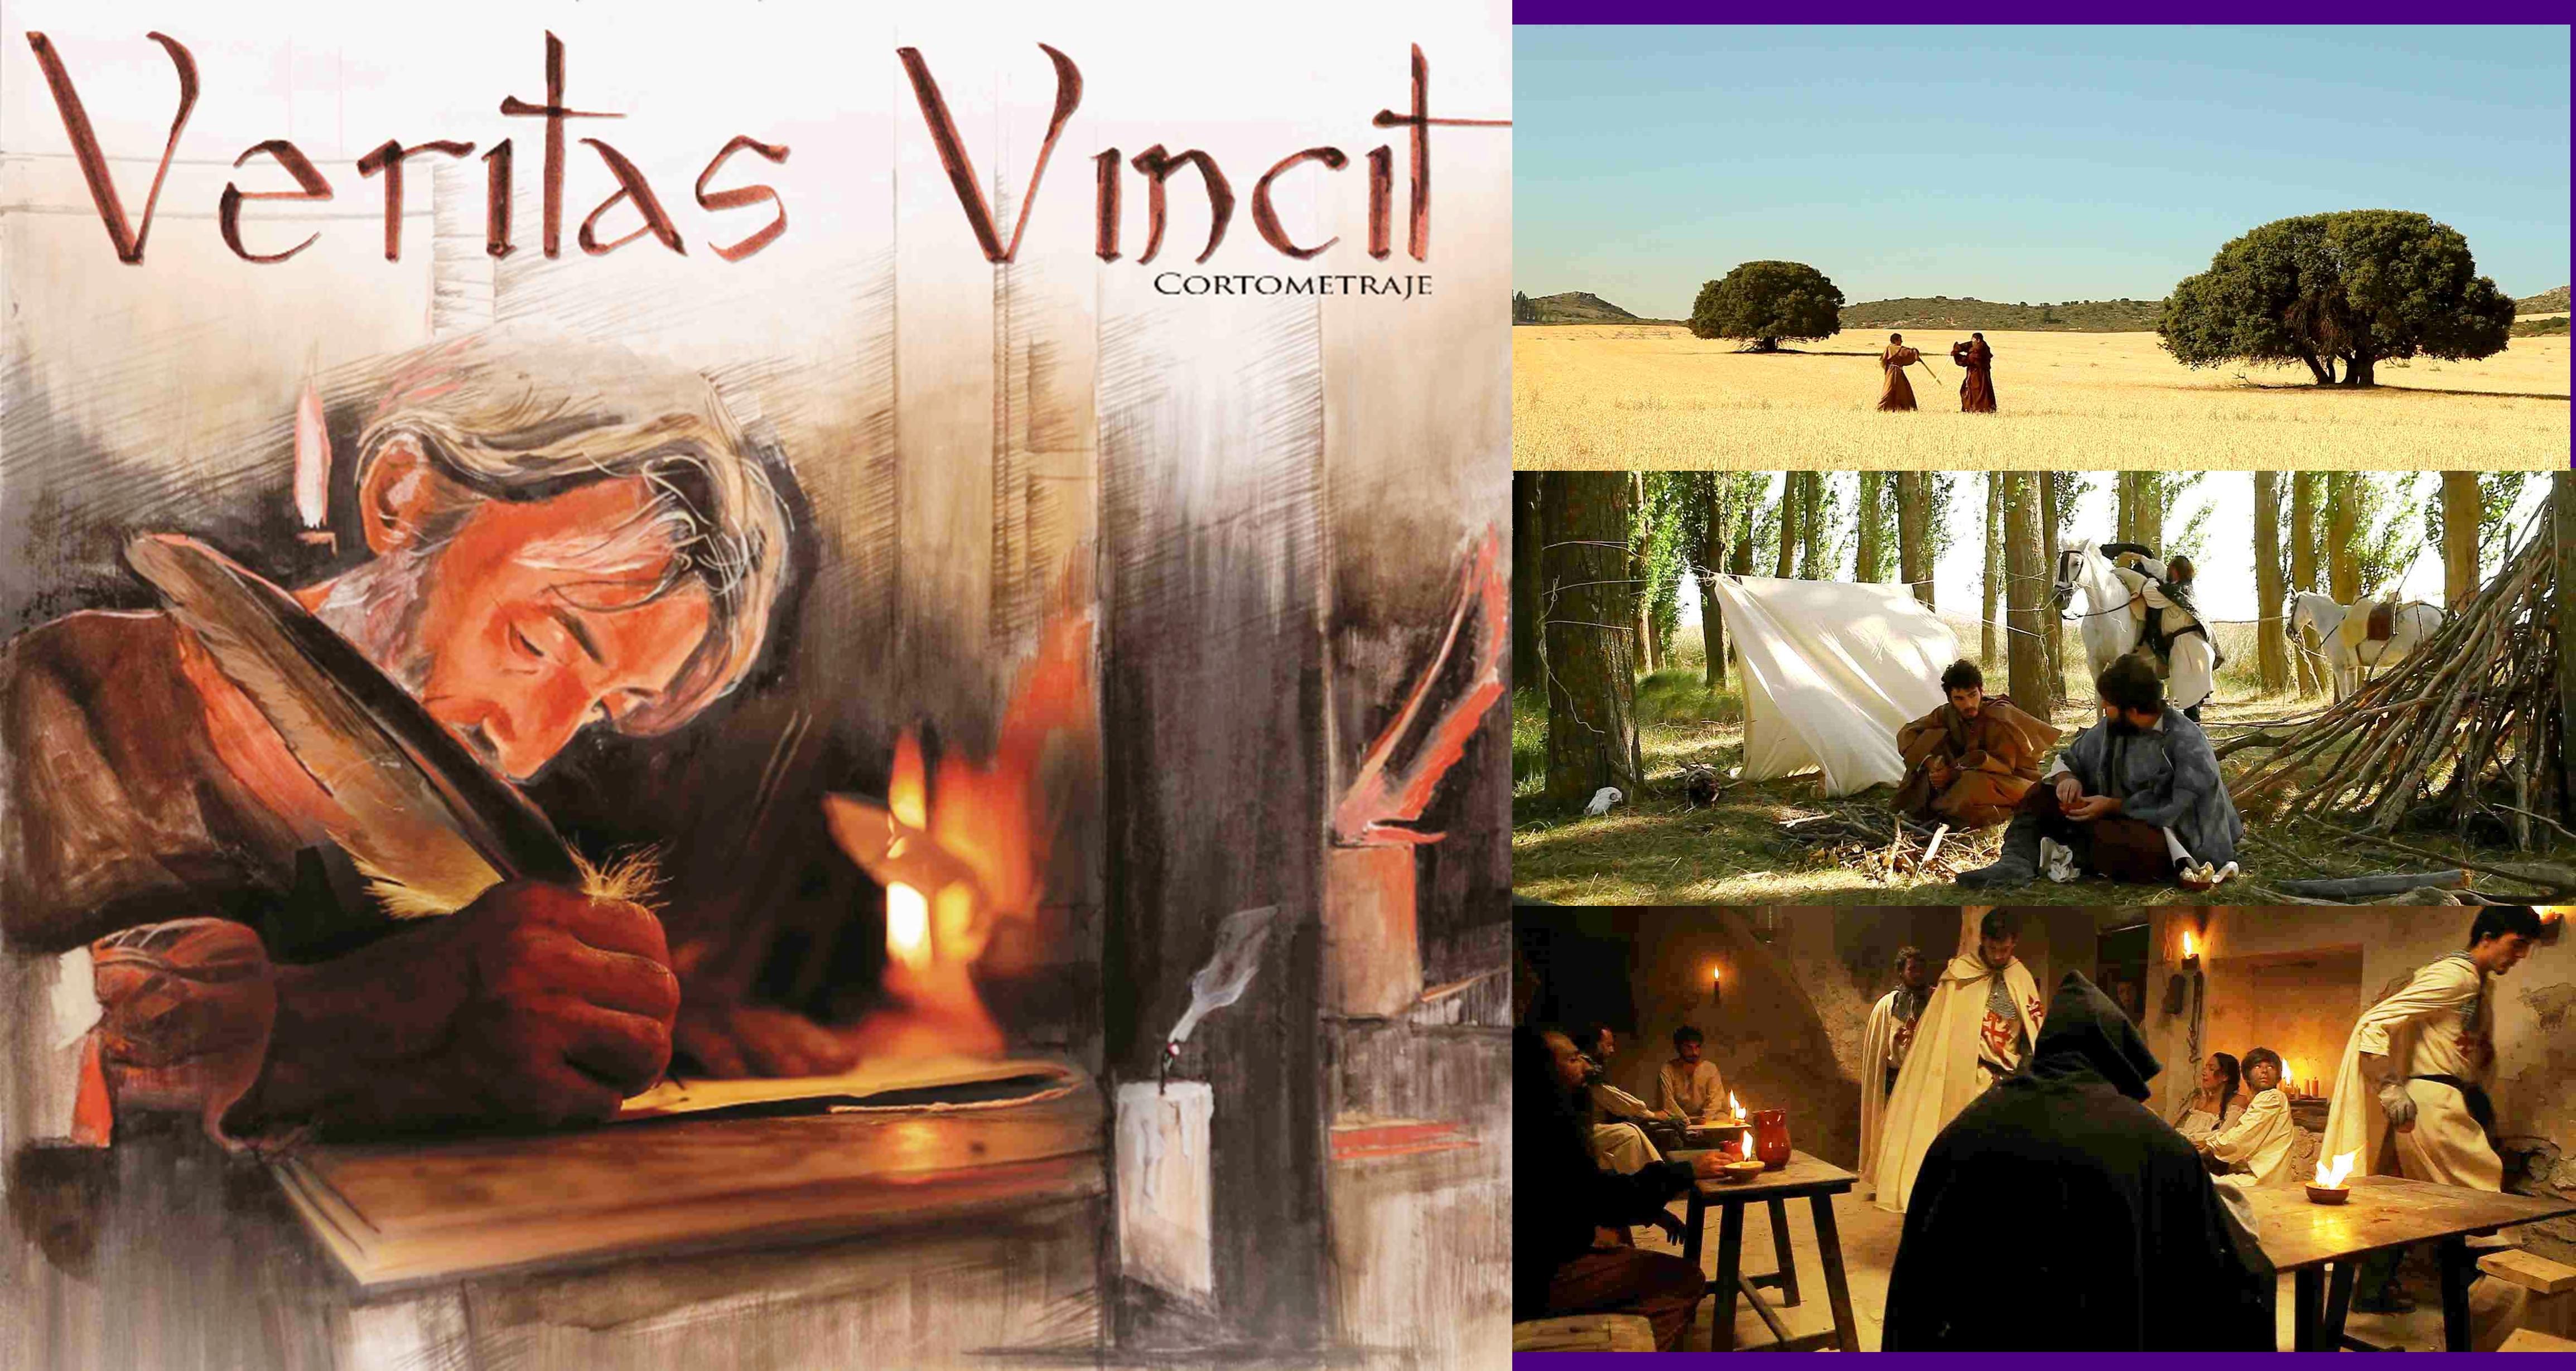 El cortometraje 'Veritas Vincit' se estrena en Caravaca el 28 de febrero